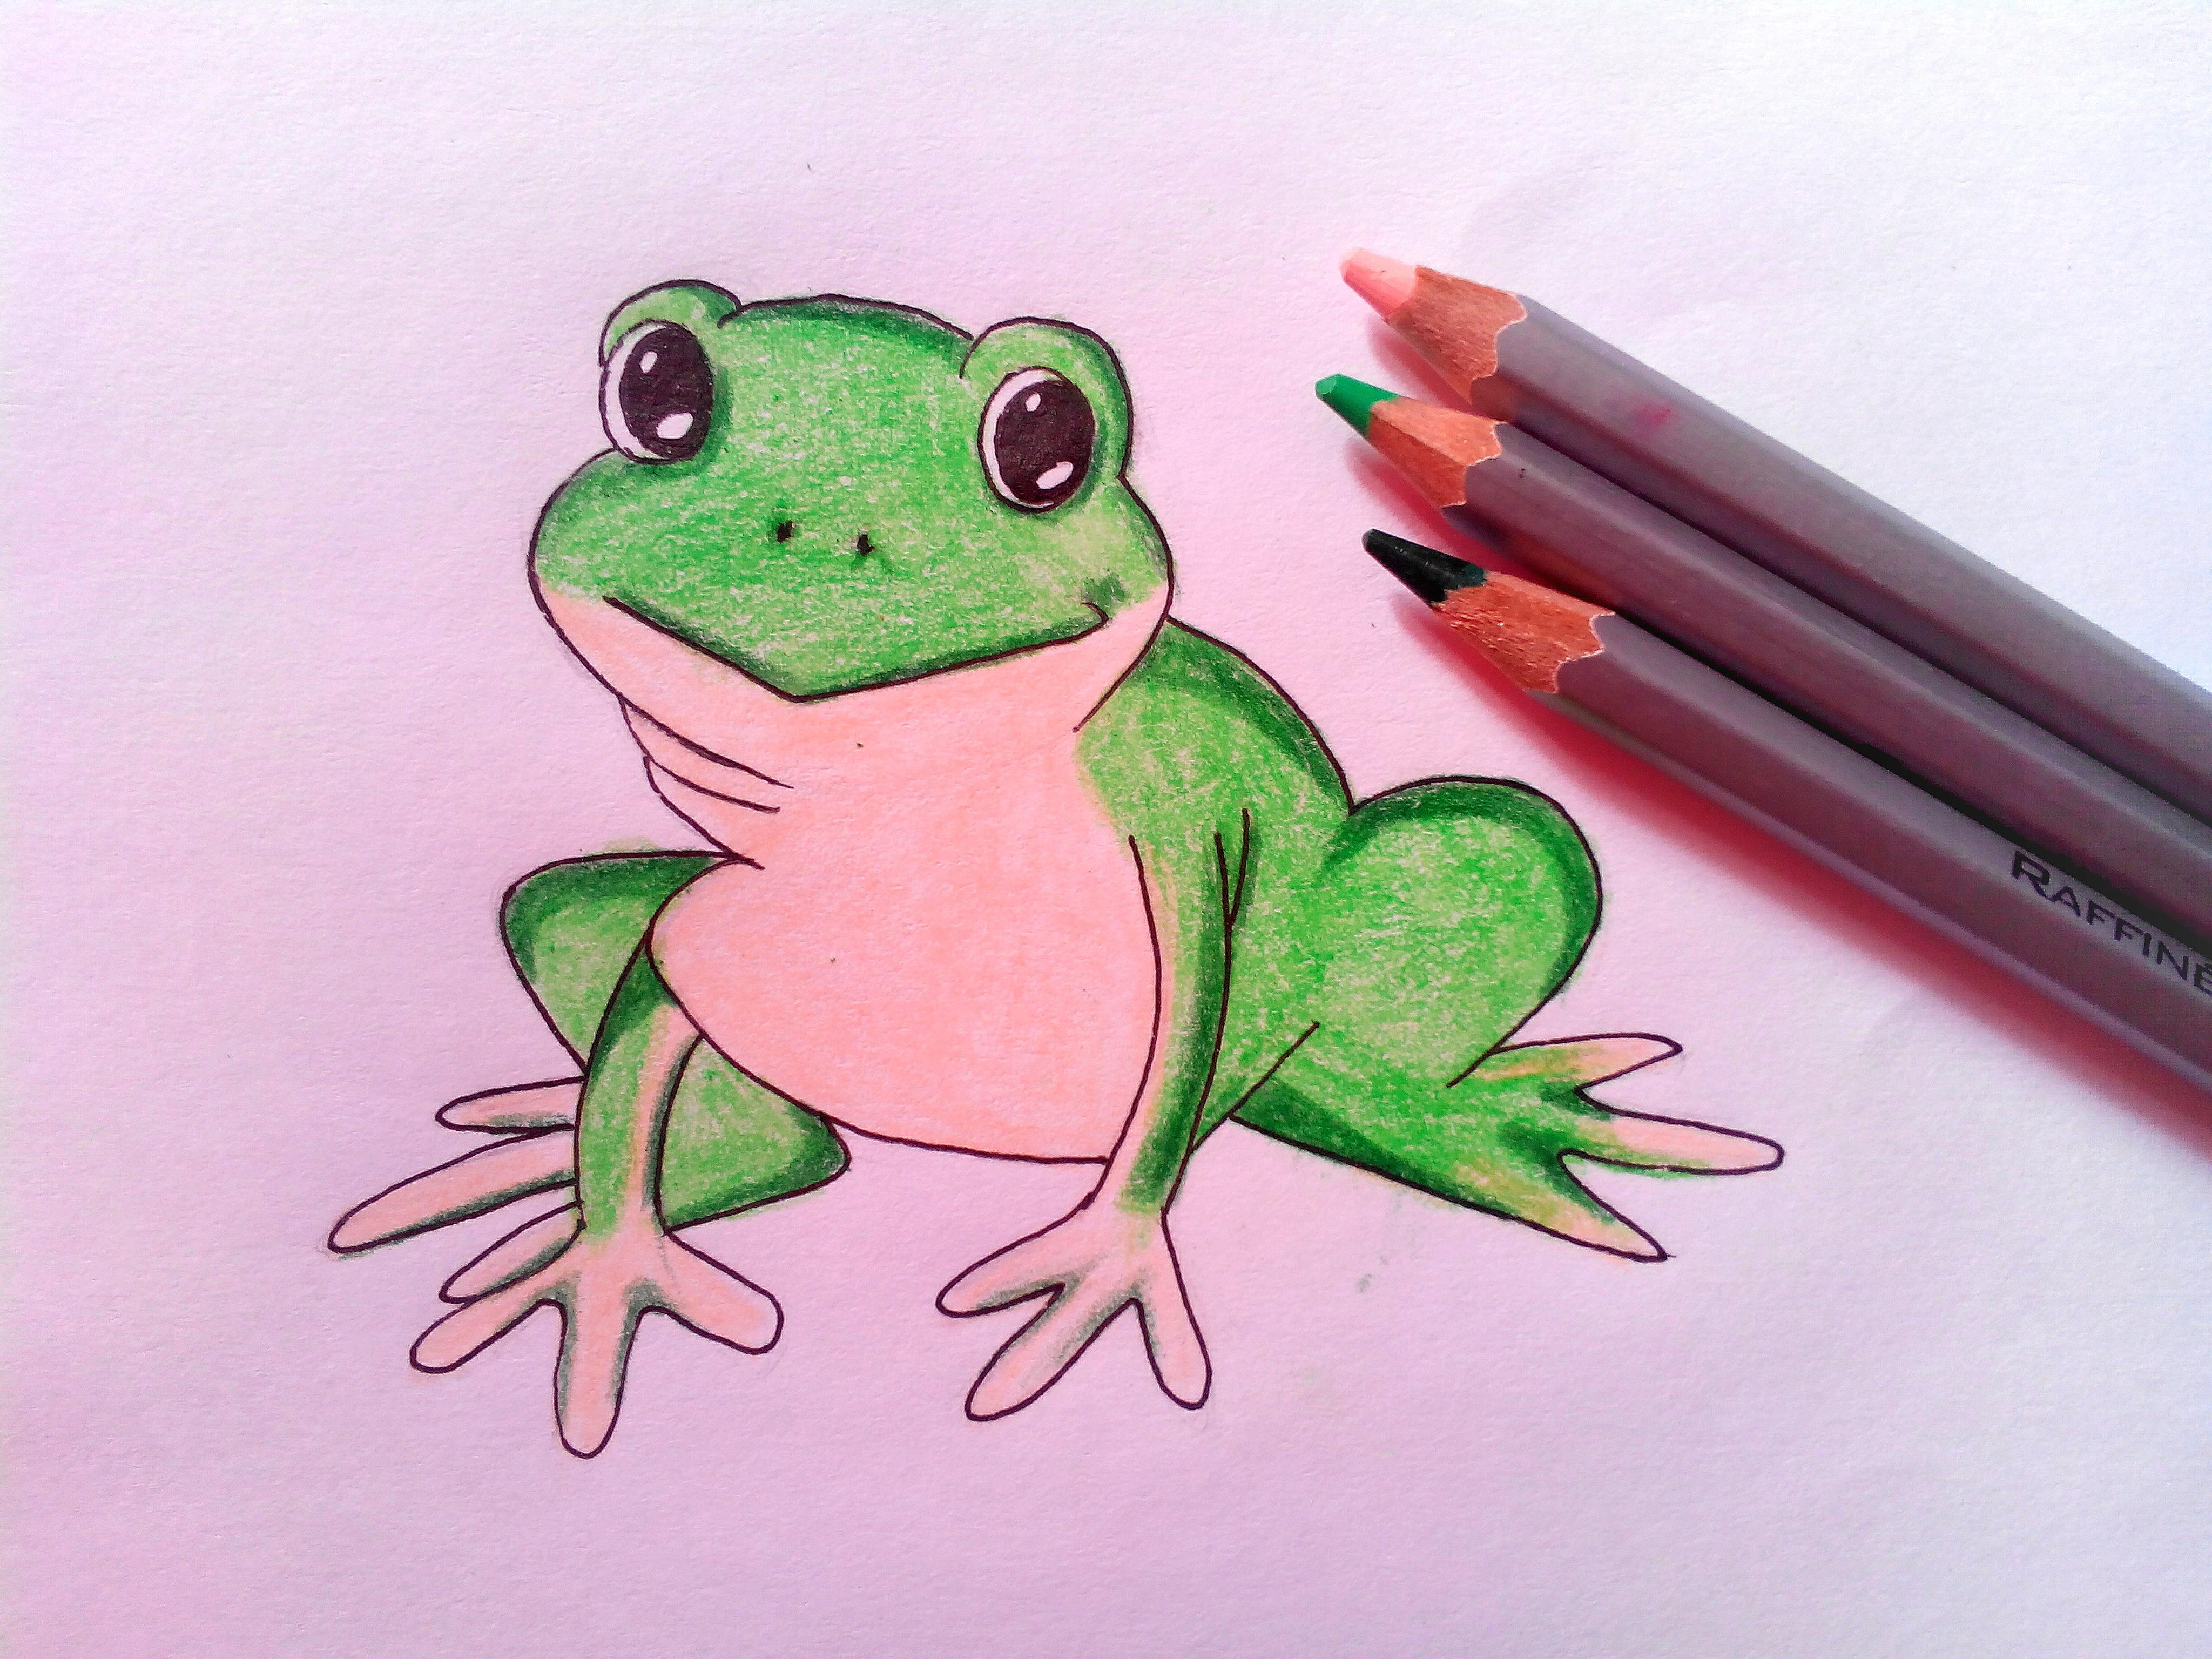 нарисованная жаба